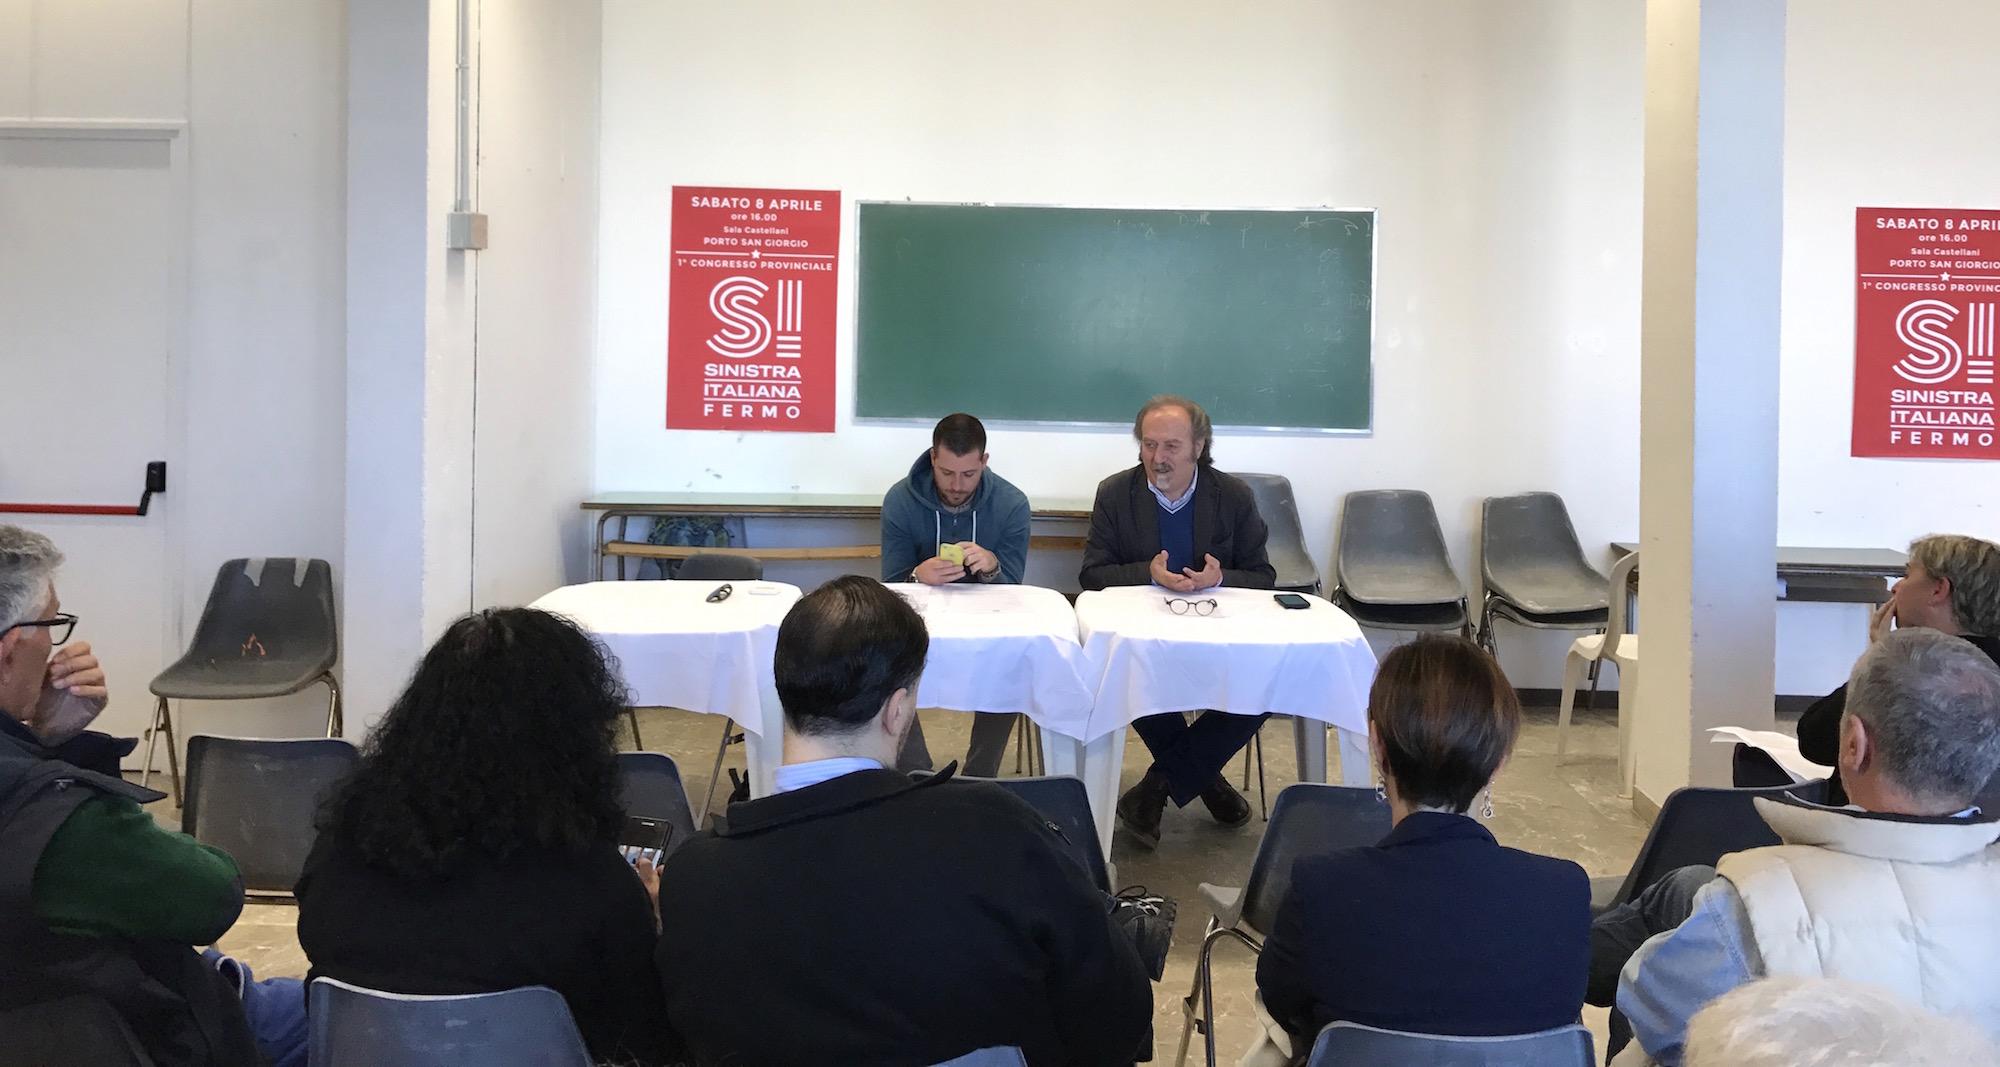 1°Congresso provinciale di Sinistra Italiana domenica 9 Aprile ad Ostuni